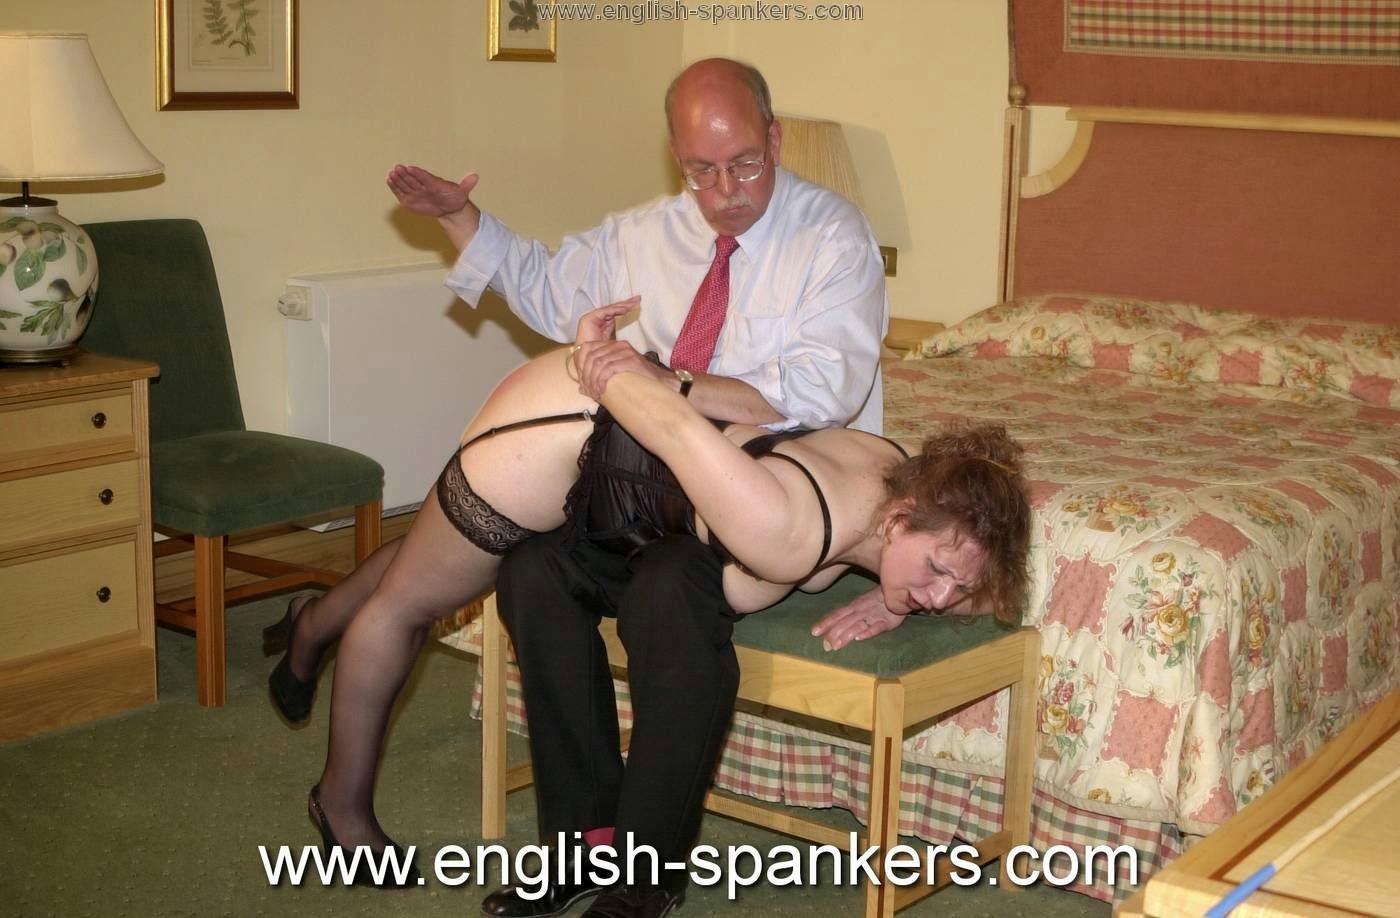 wife my I punish